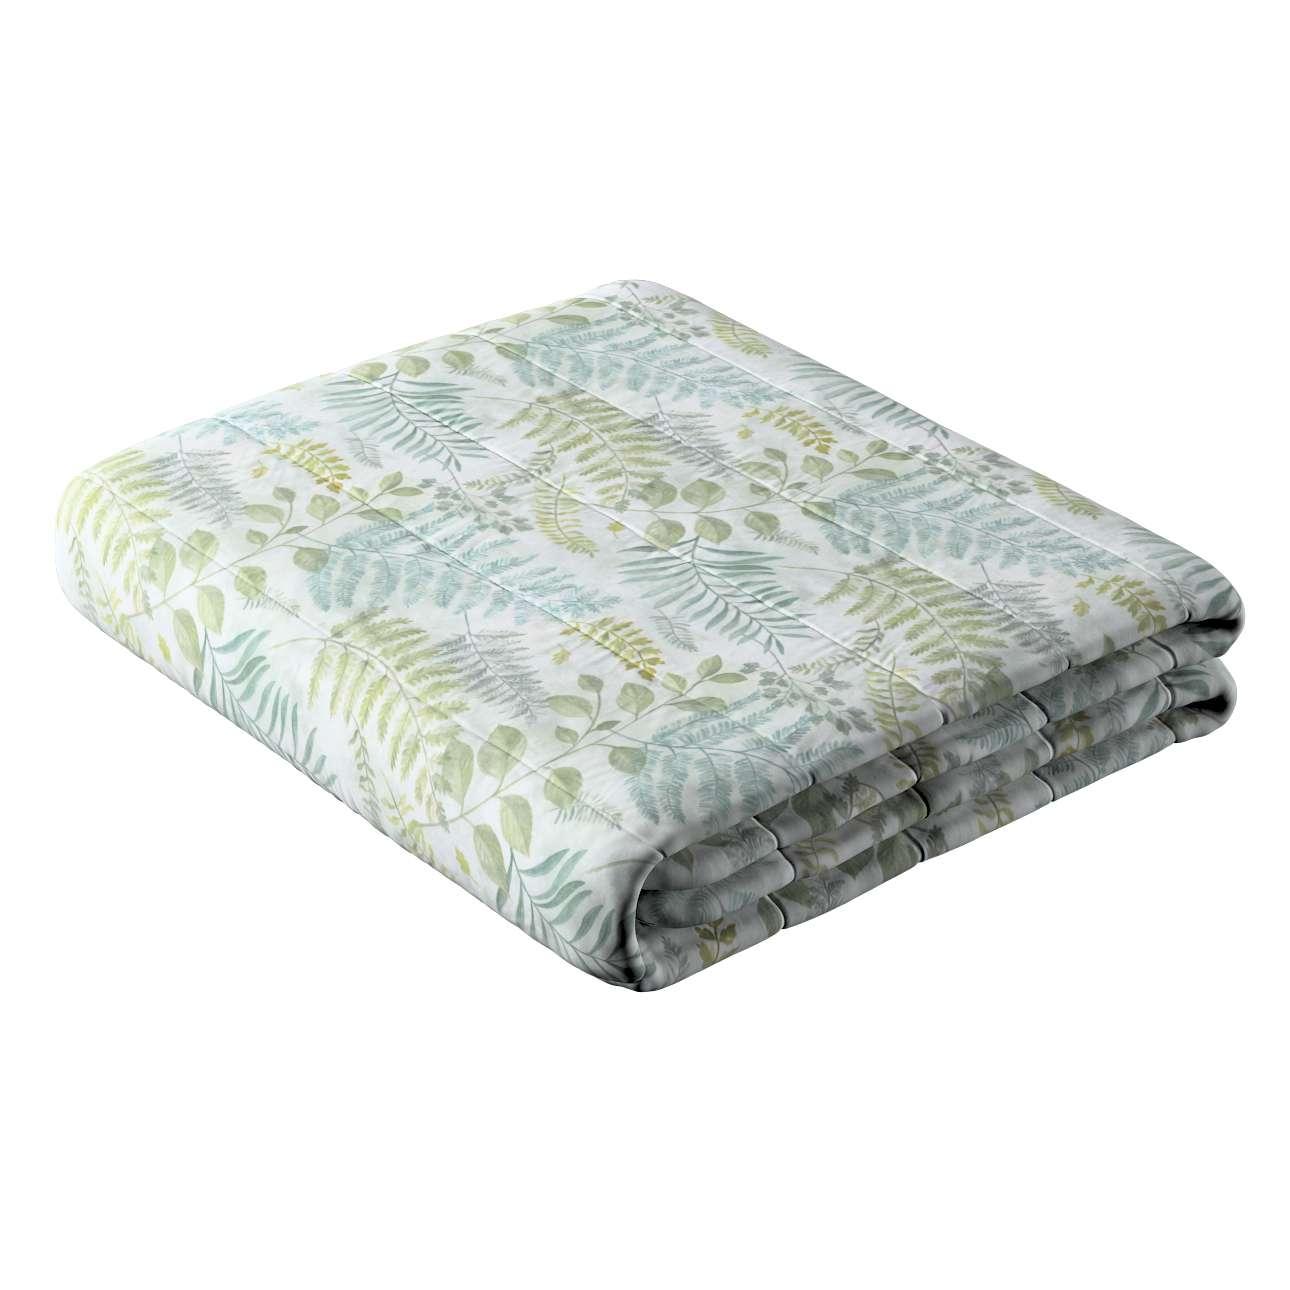 Narzuta pikowana w pasy w kolekcji Pastel Forest, tkanina: 142-46